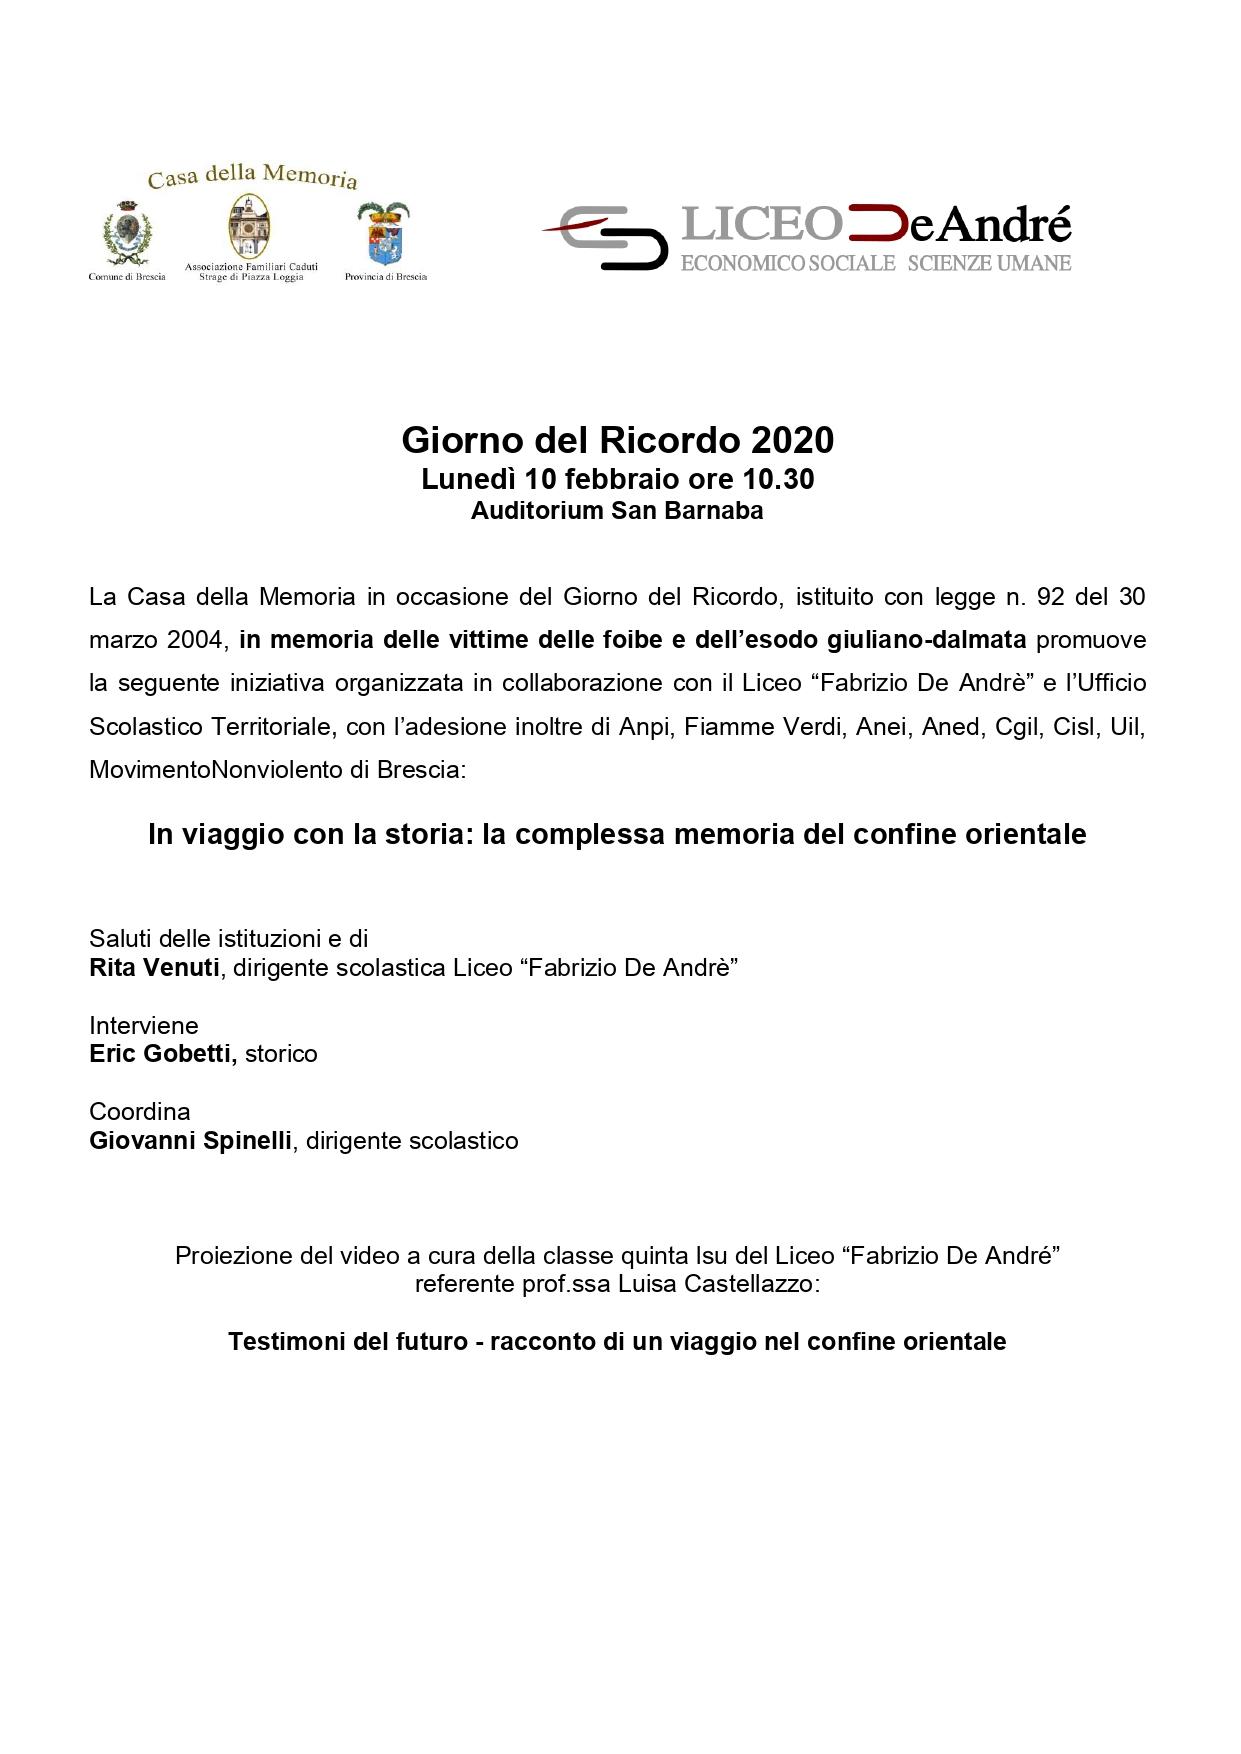 comunicato stampa Giorno Ricordo 2020_page-0001(1)